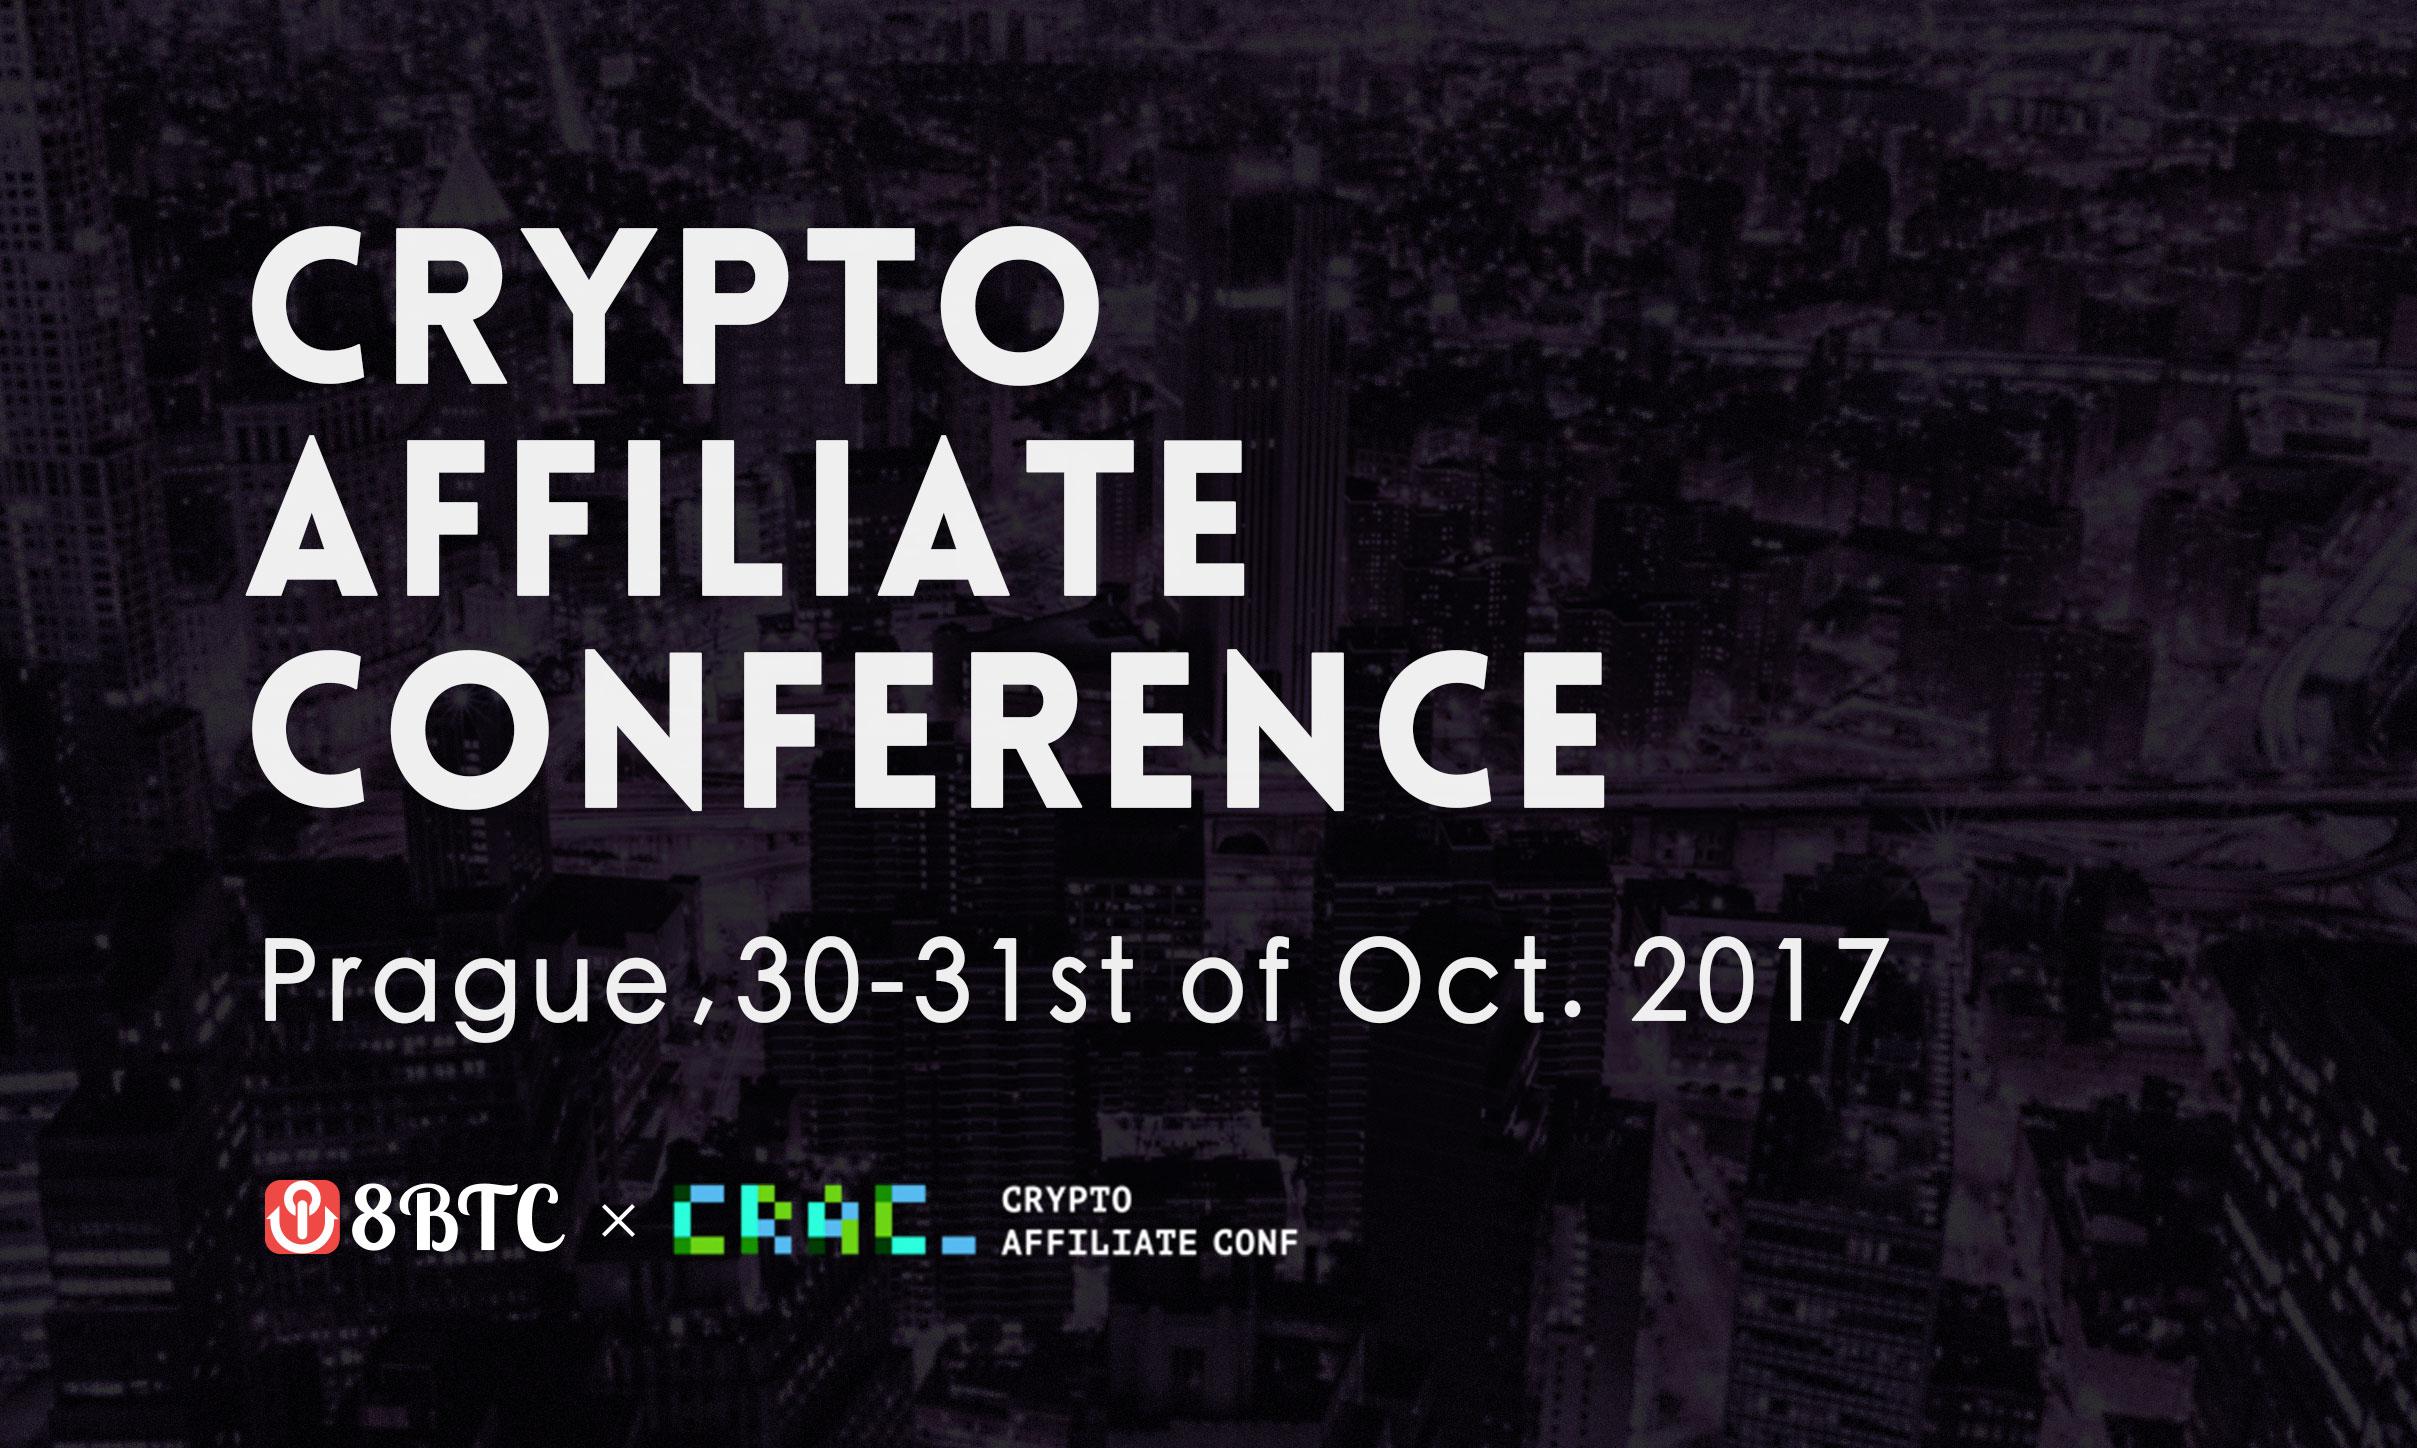 cryptoaffiliate